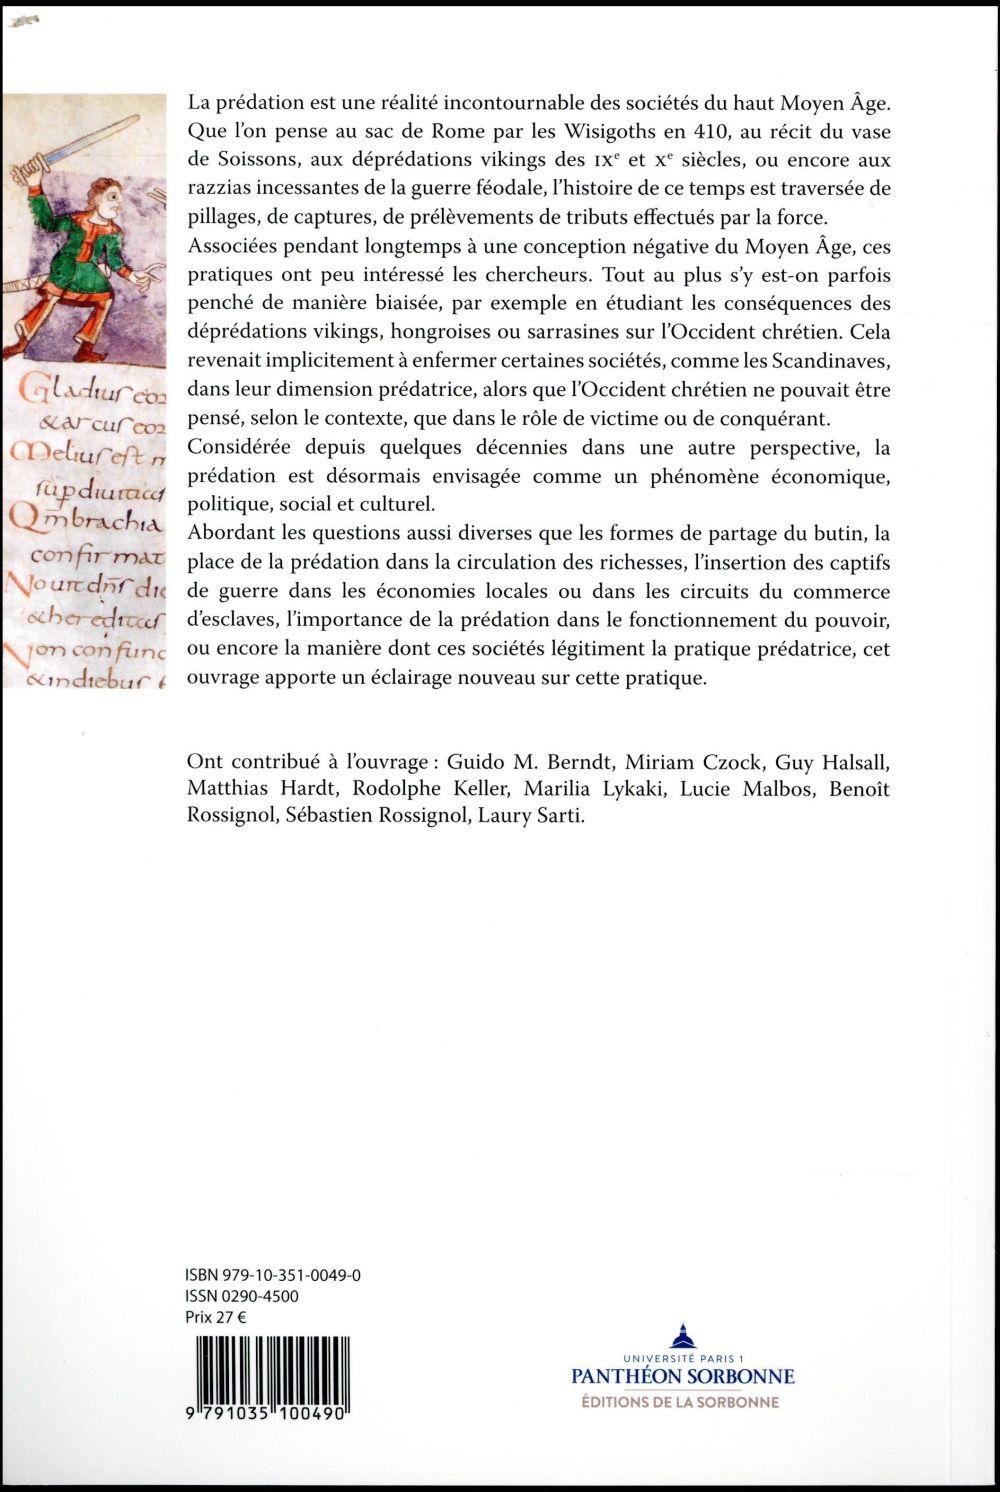 Pillages, tributs, captifs ; prédation et sociétés de l'Antiquité tardive au haut Moyen Age